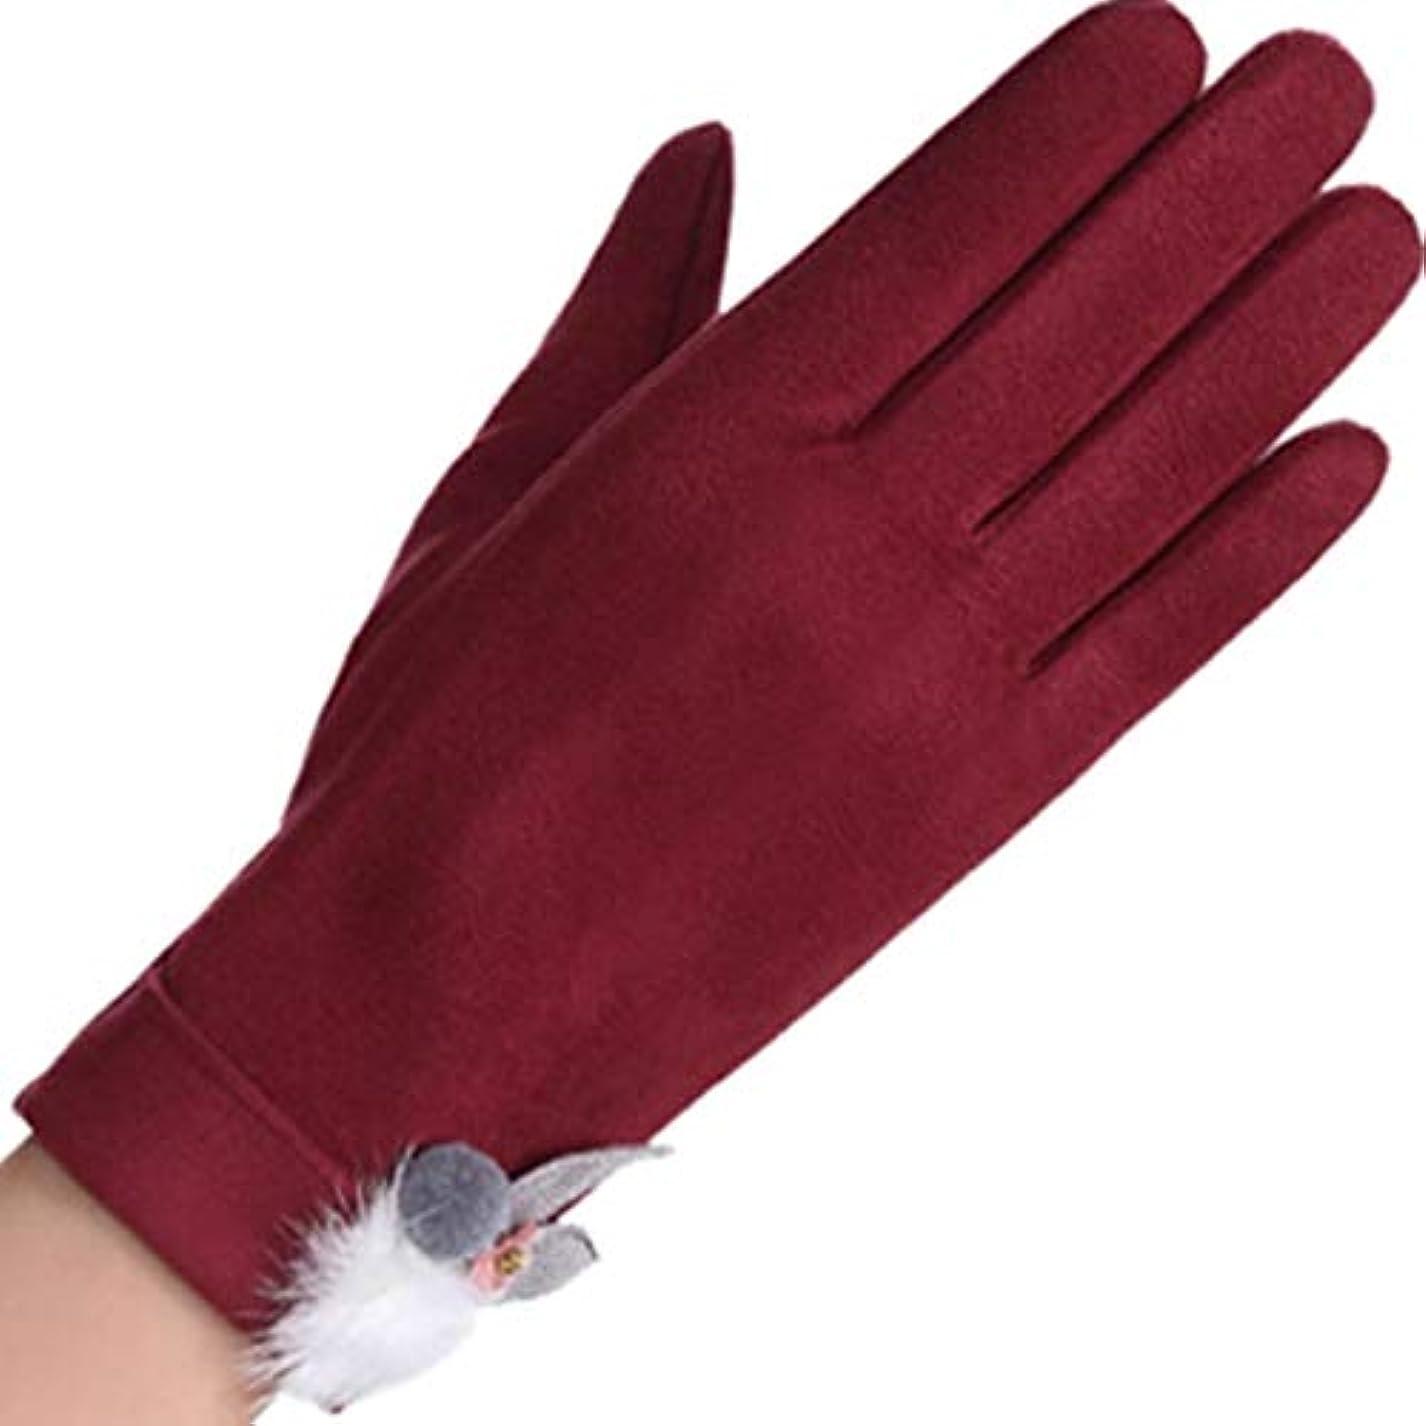 旅行代理店交響曲大胆な手袋の女性の暖かいタッチスクリーンの手袋冬の防風プラスベルベットの女性の毛の手袋の黒ワインレッド (色 : 赤ワイン)